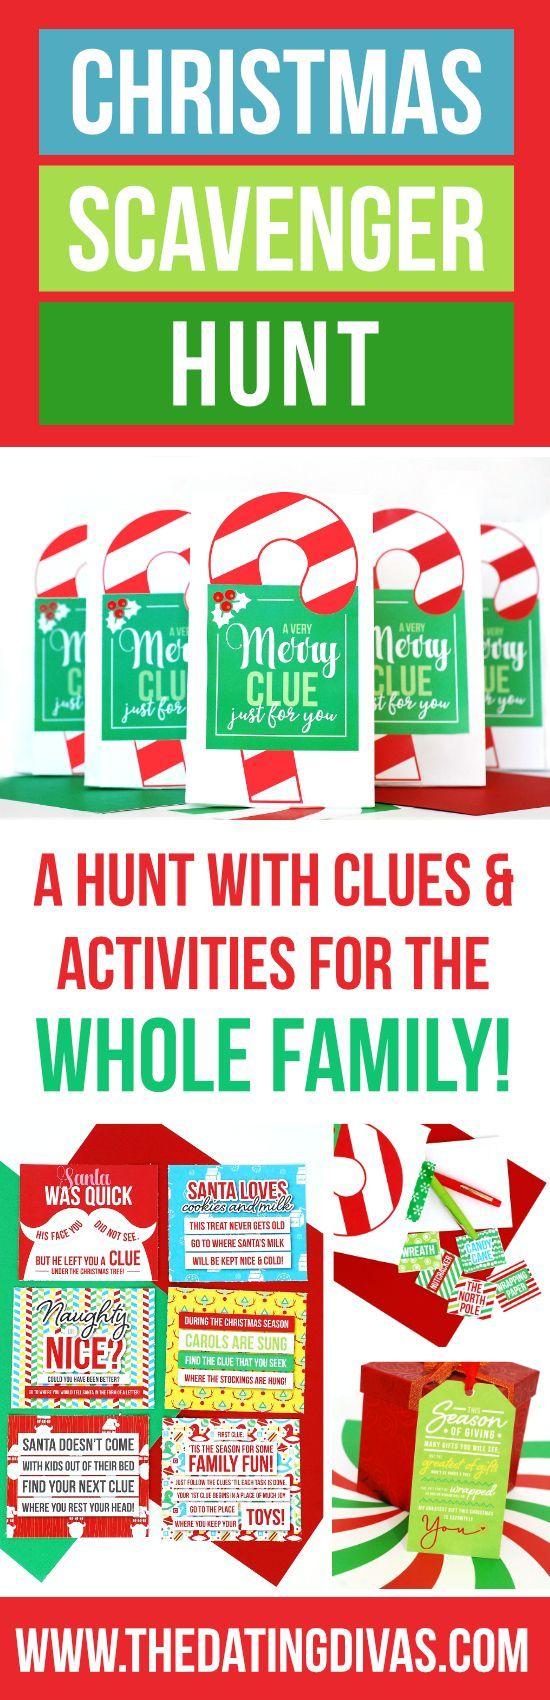 Christmas Scavenger Hunt Christmas scavenger hunt, Xmas